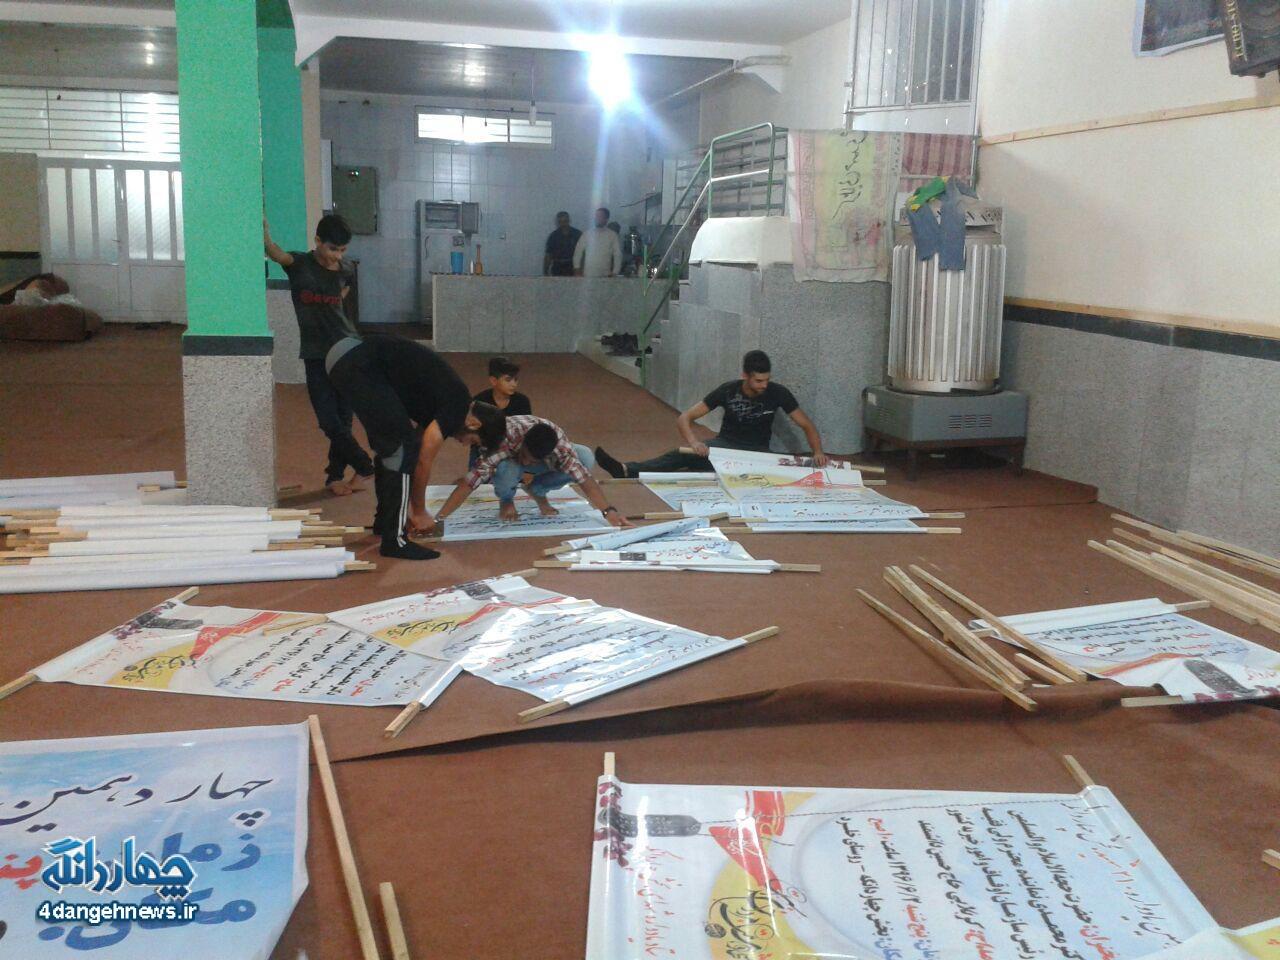 گزارش تصویری از فعالیت های برگزاری چهاردهمین یادواره شهدای بخش چهاردانگه